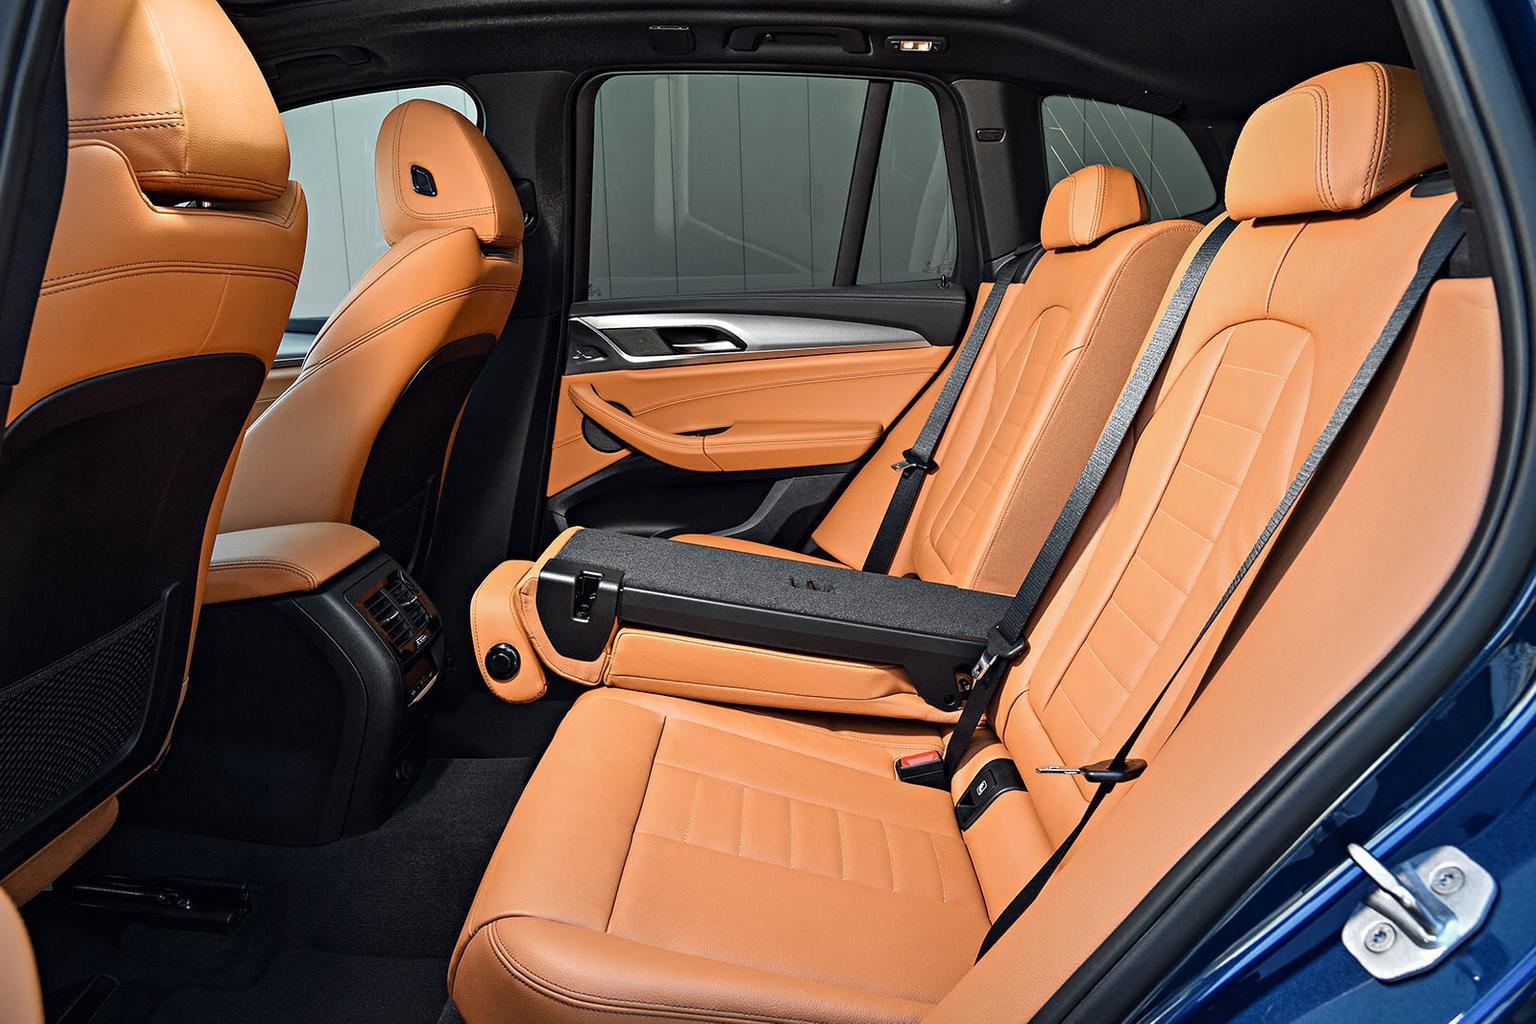 New BMW X3 revealed